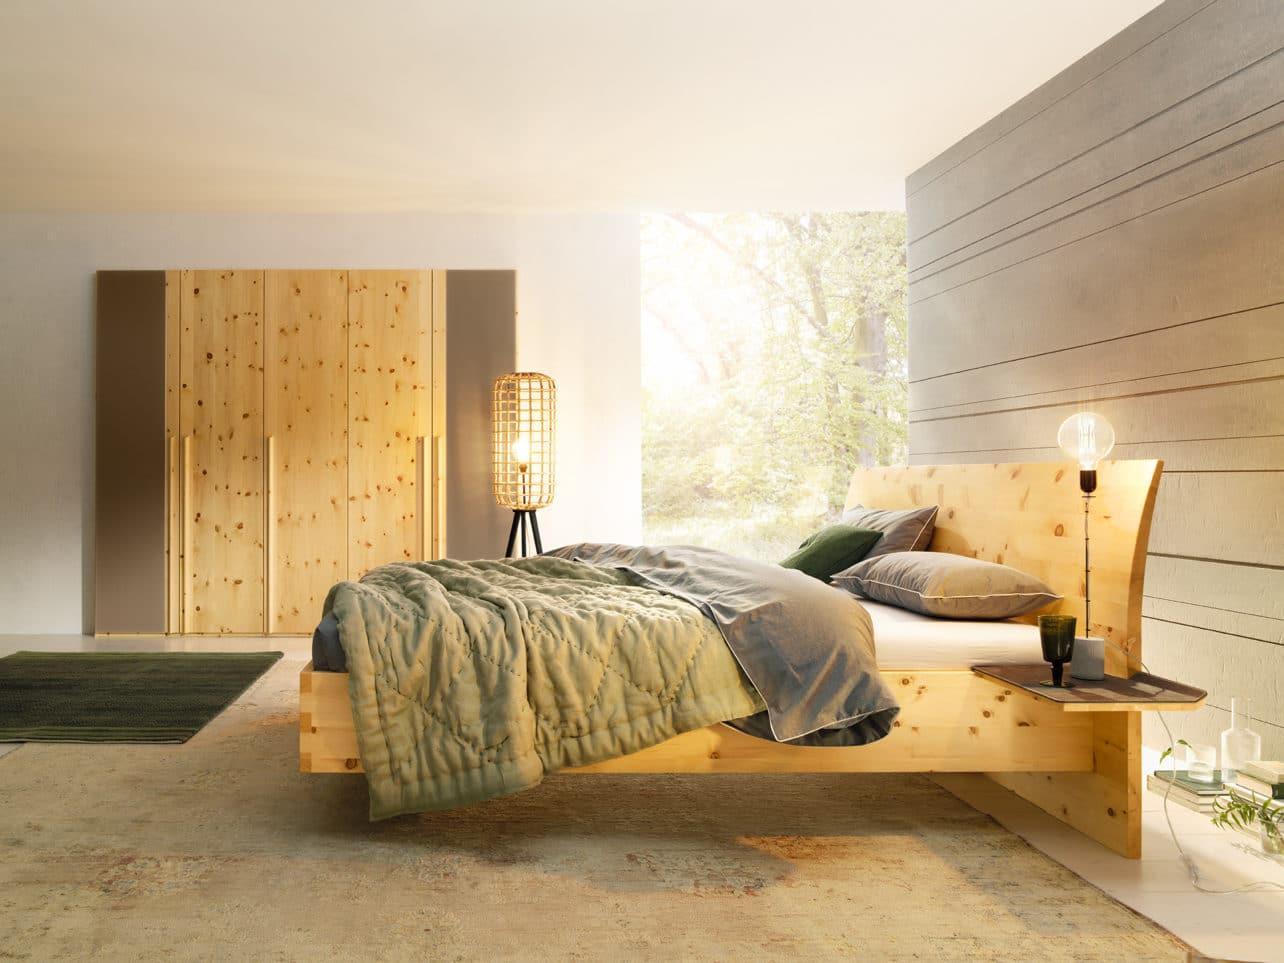 Schlafzimmer Paso in Zirbe natur geölt